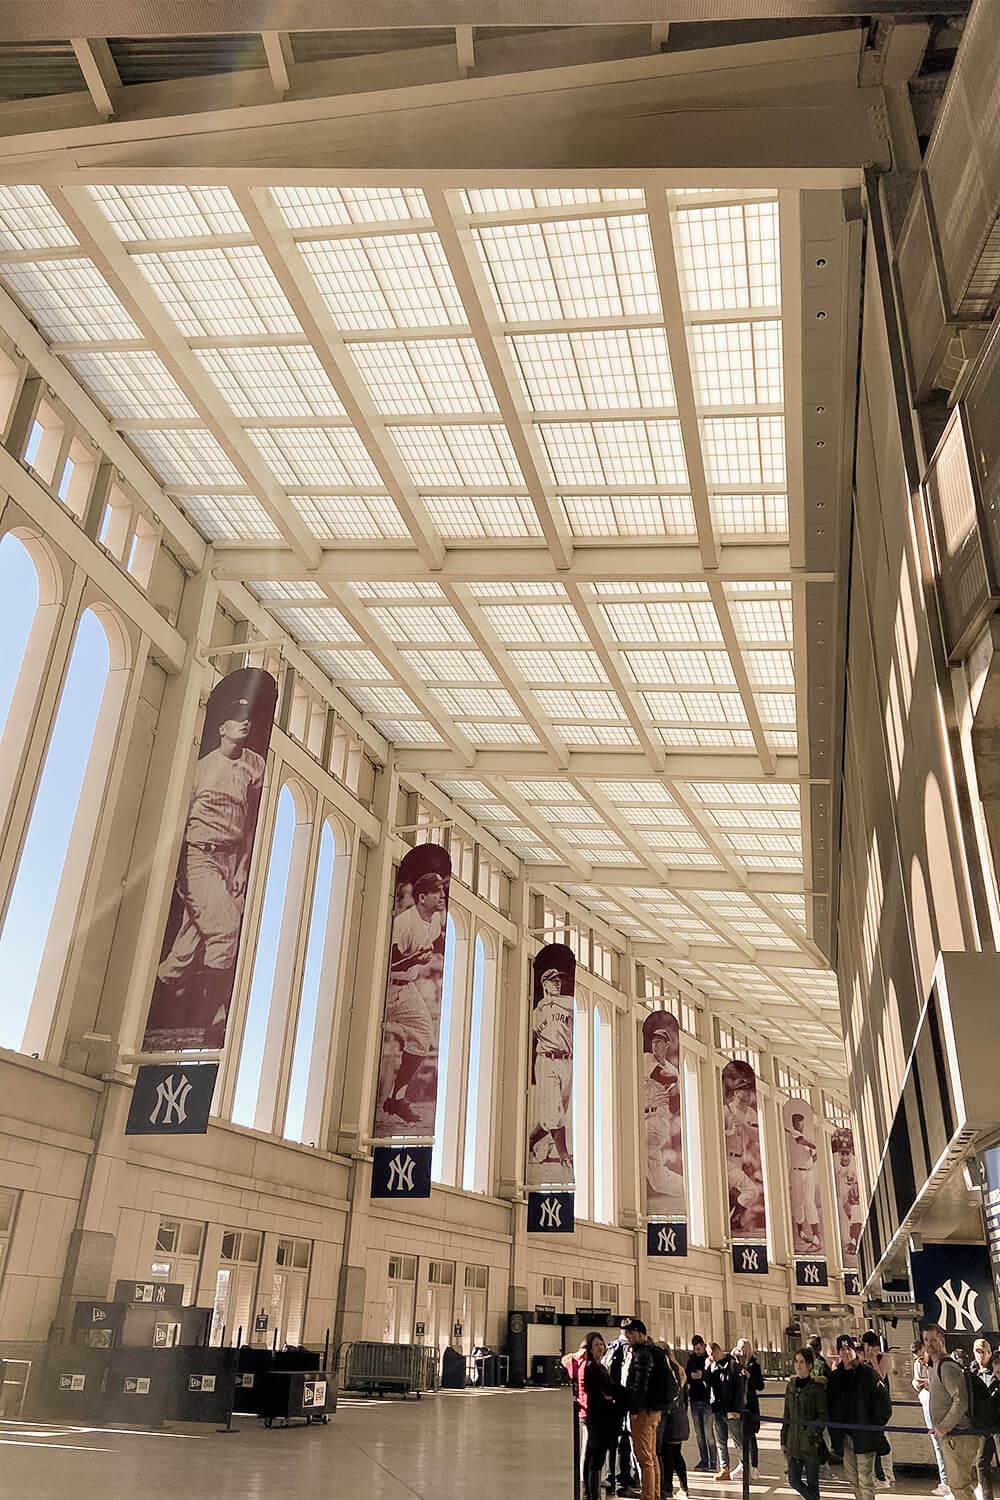 Eingangshalle des Yankee Stadiums in New York